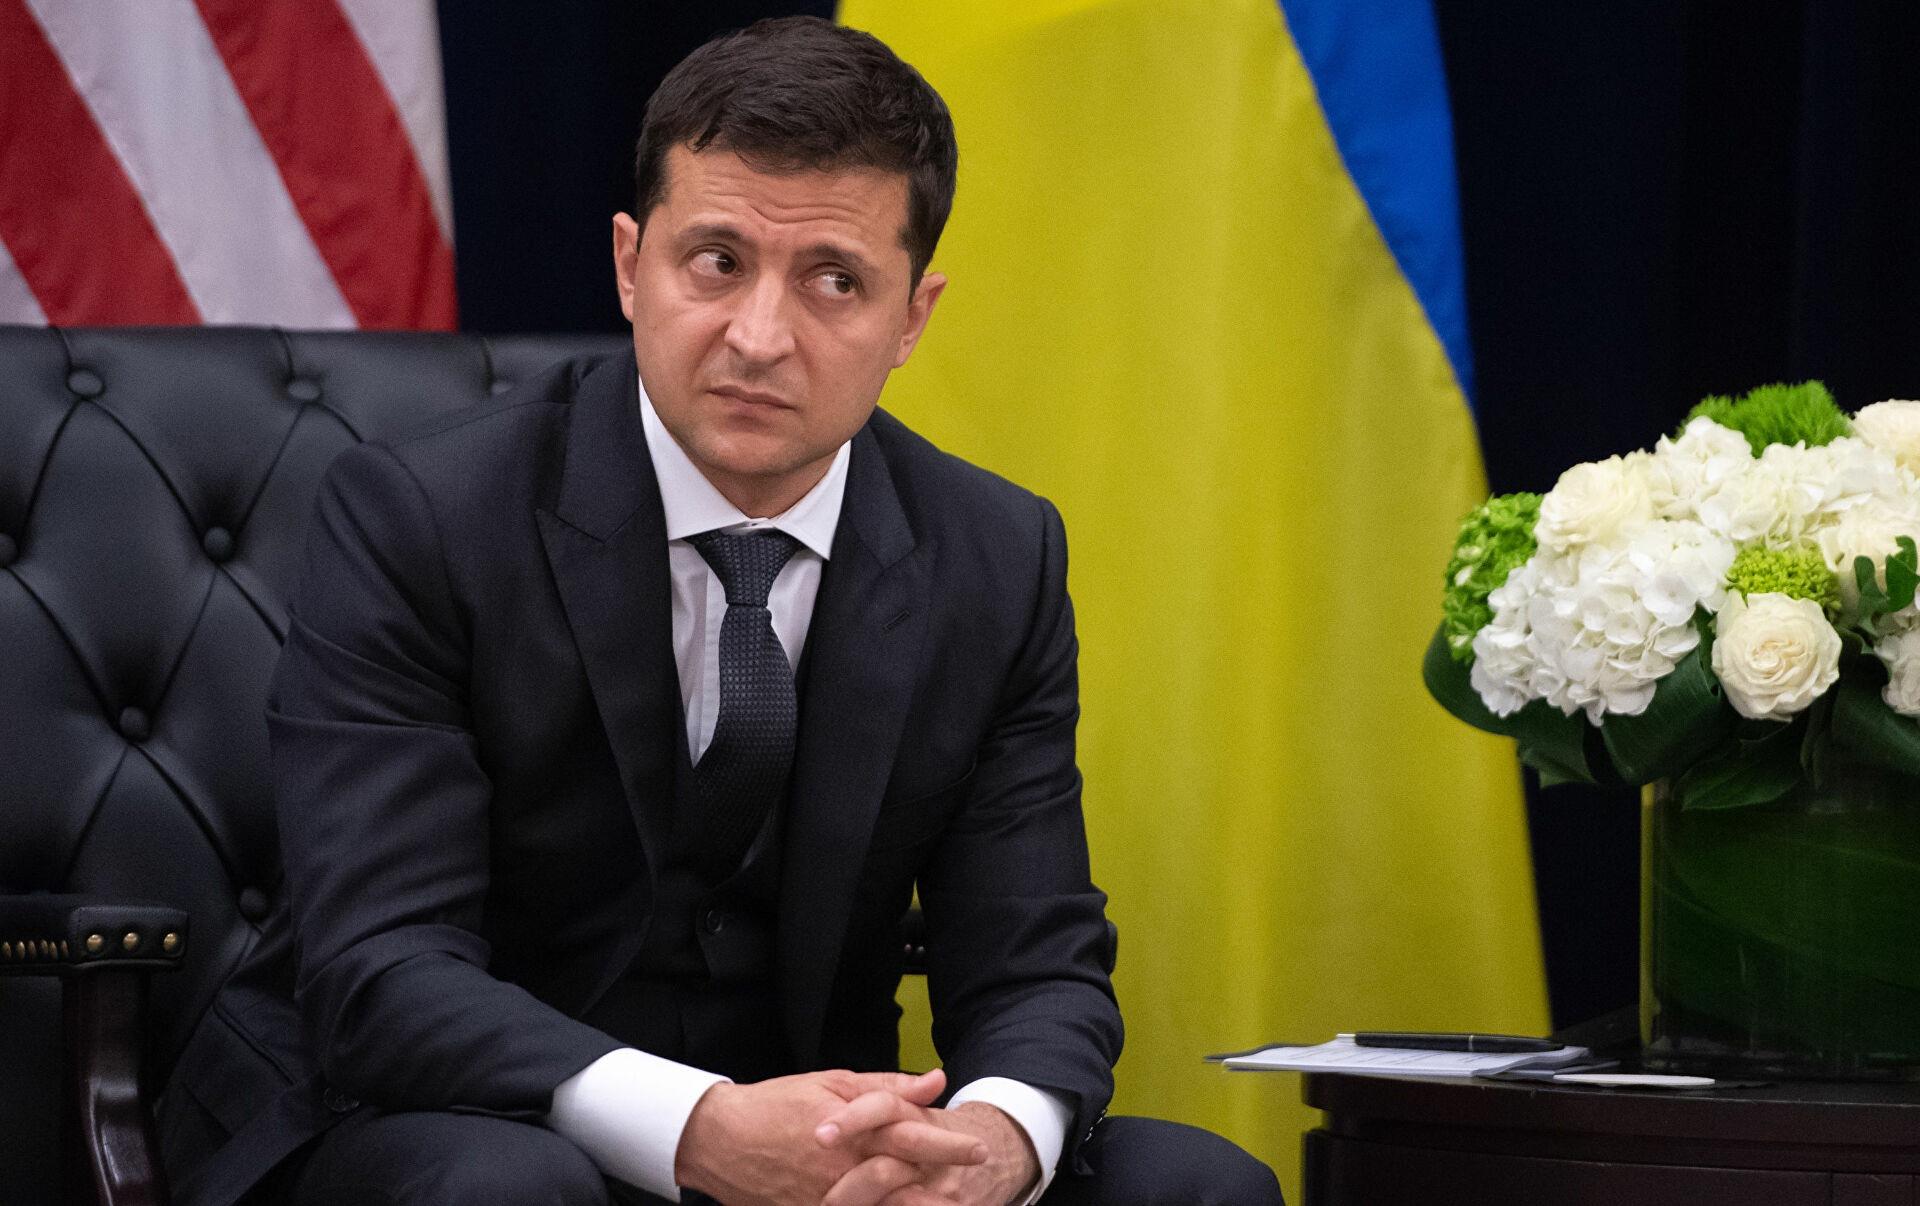 Ukraine's ambassador to the USA says preparations for meeting between Zelensky and Biden